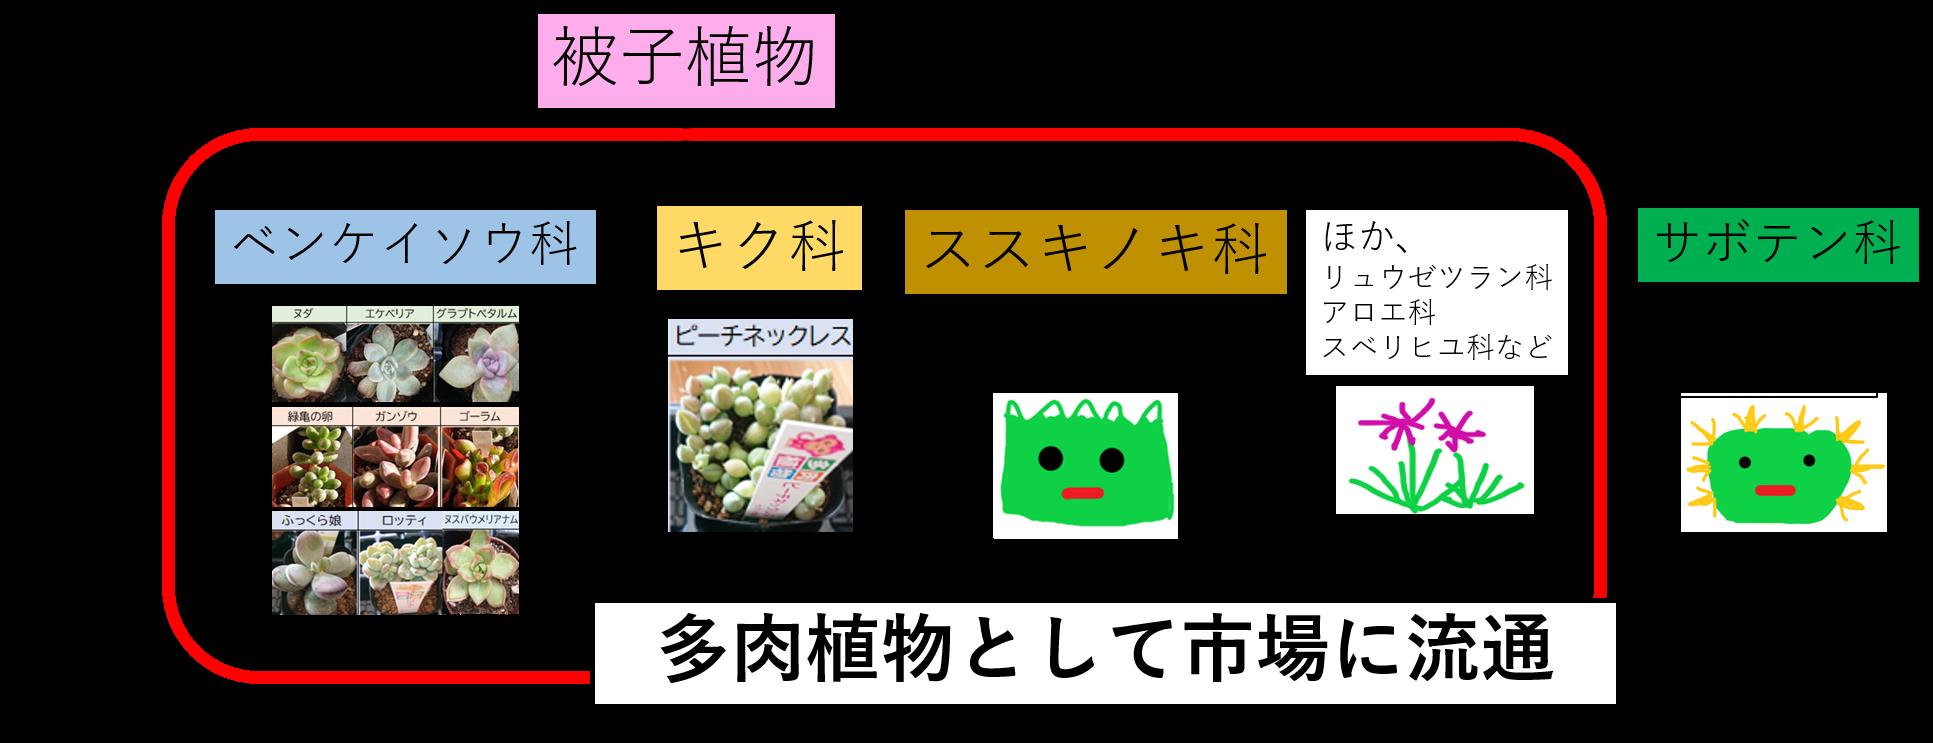 会社員の多肉植物 科の系統図